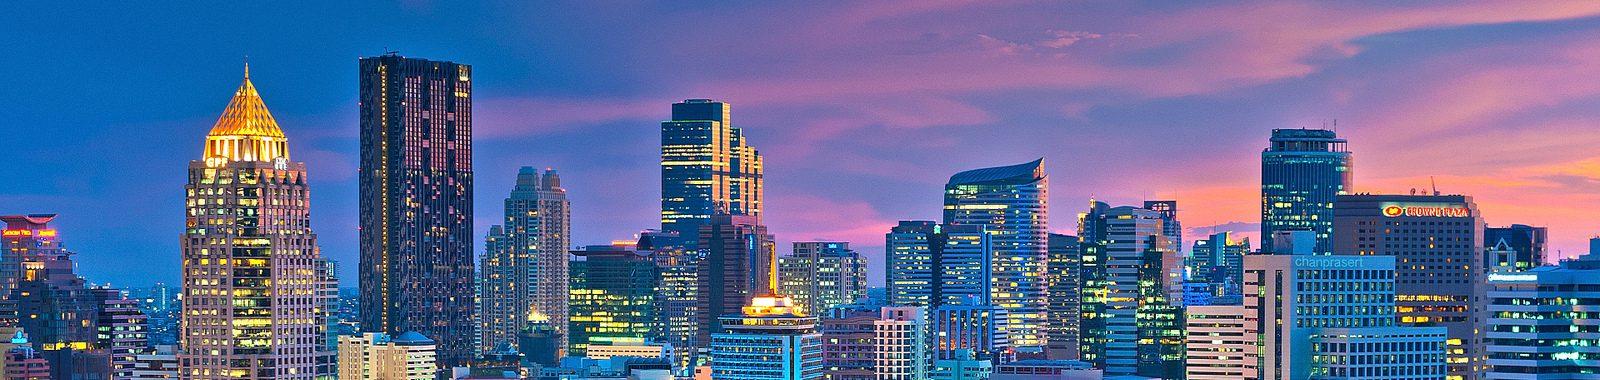 BKK Skyline